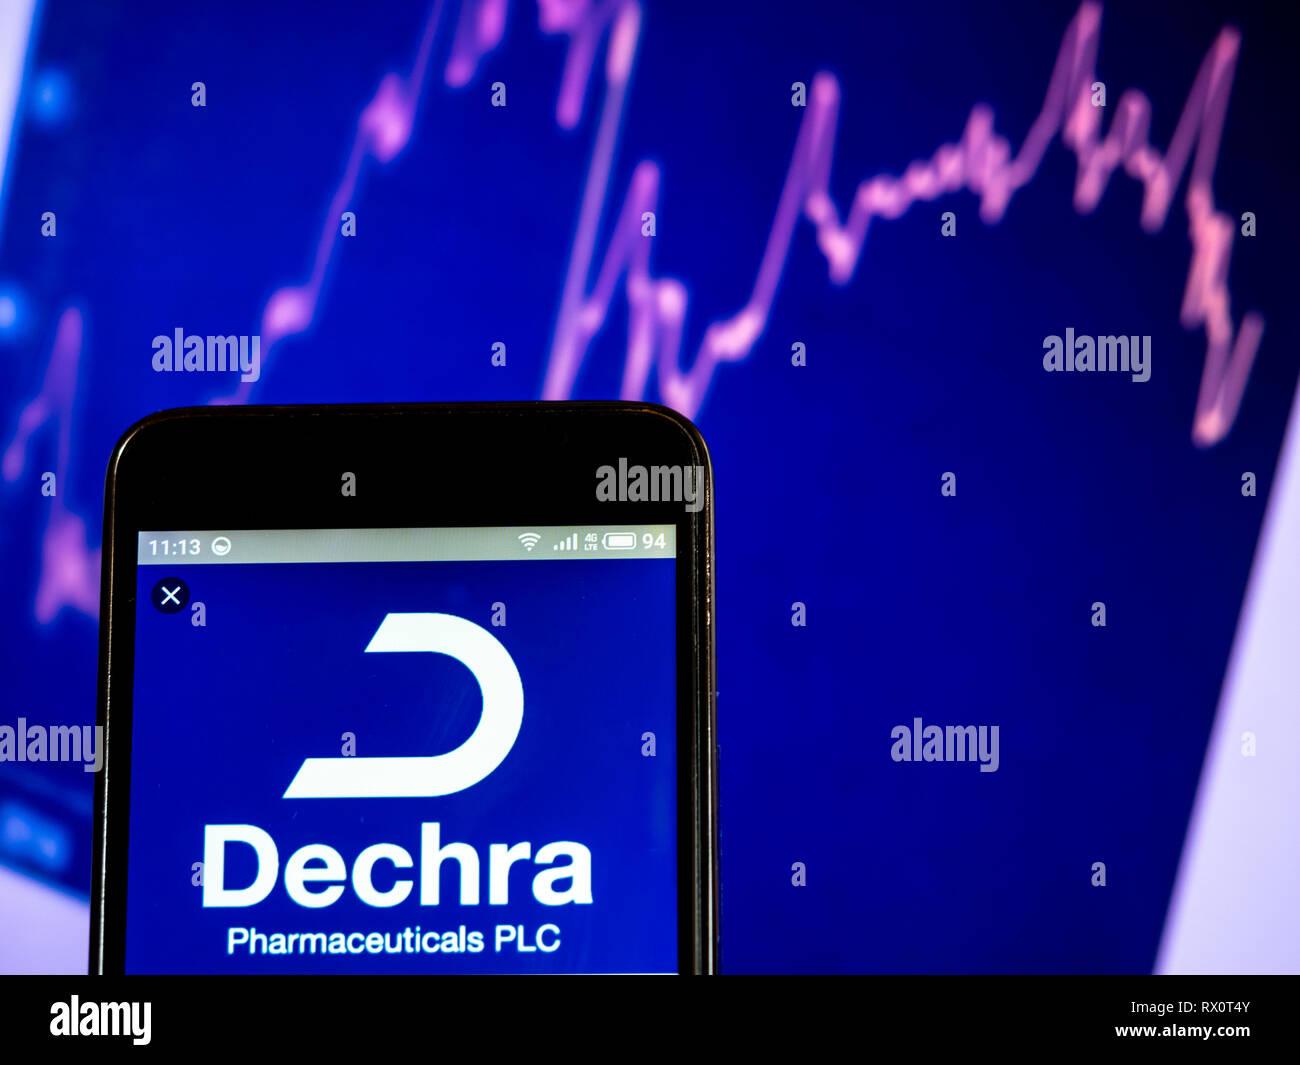 Dechra Pharmaceuticals Stock Photos & Dechra Pharmaceuticals